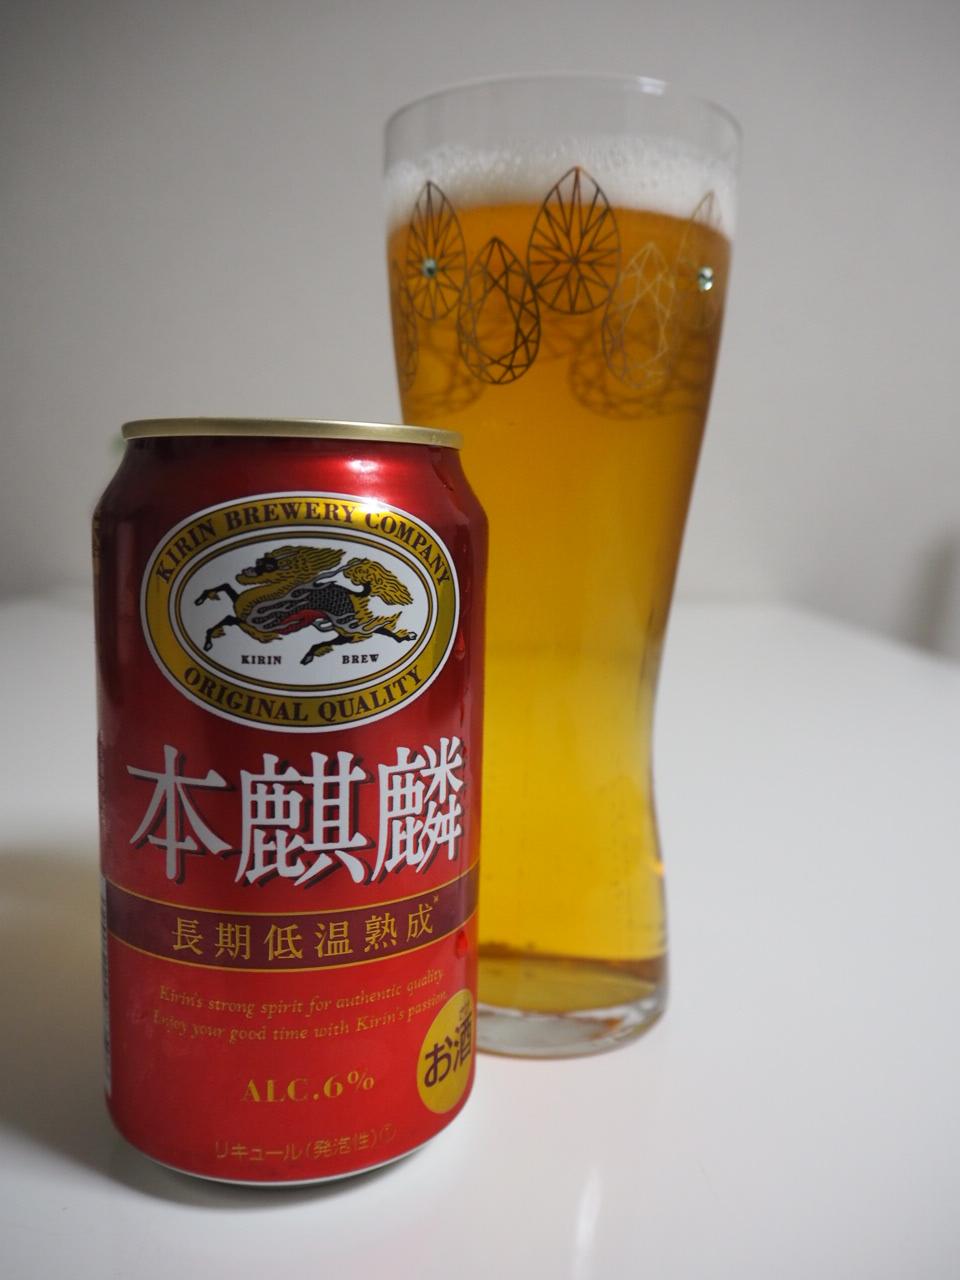 オラホビール -アンバーエール- レビュー・感想